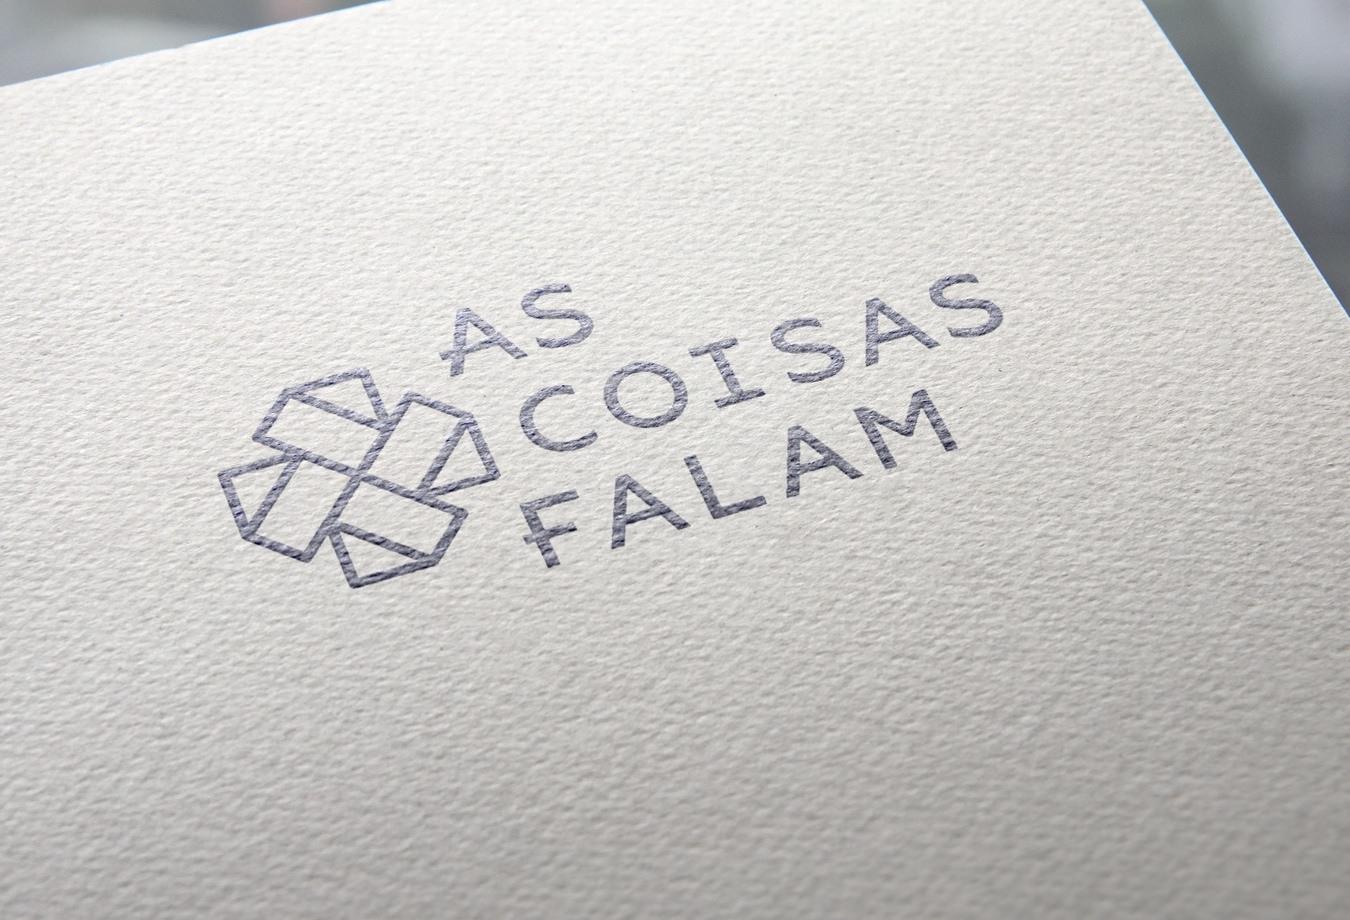 04-ascoisasfalam-identity